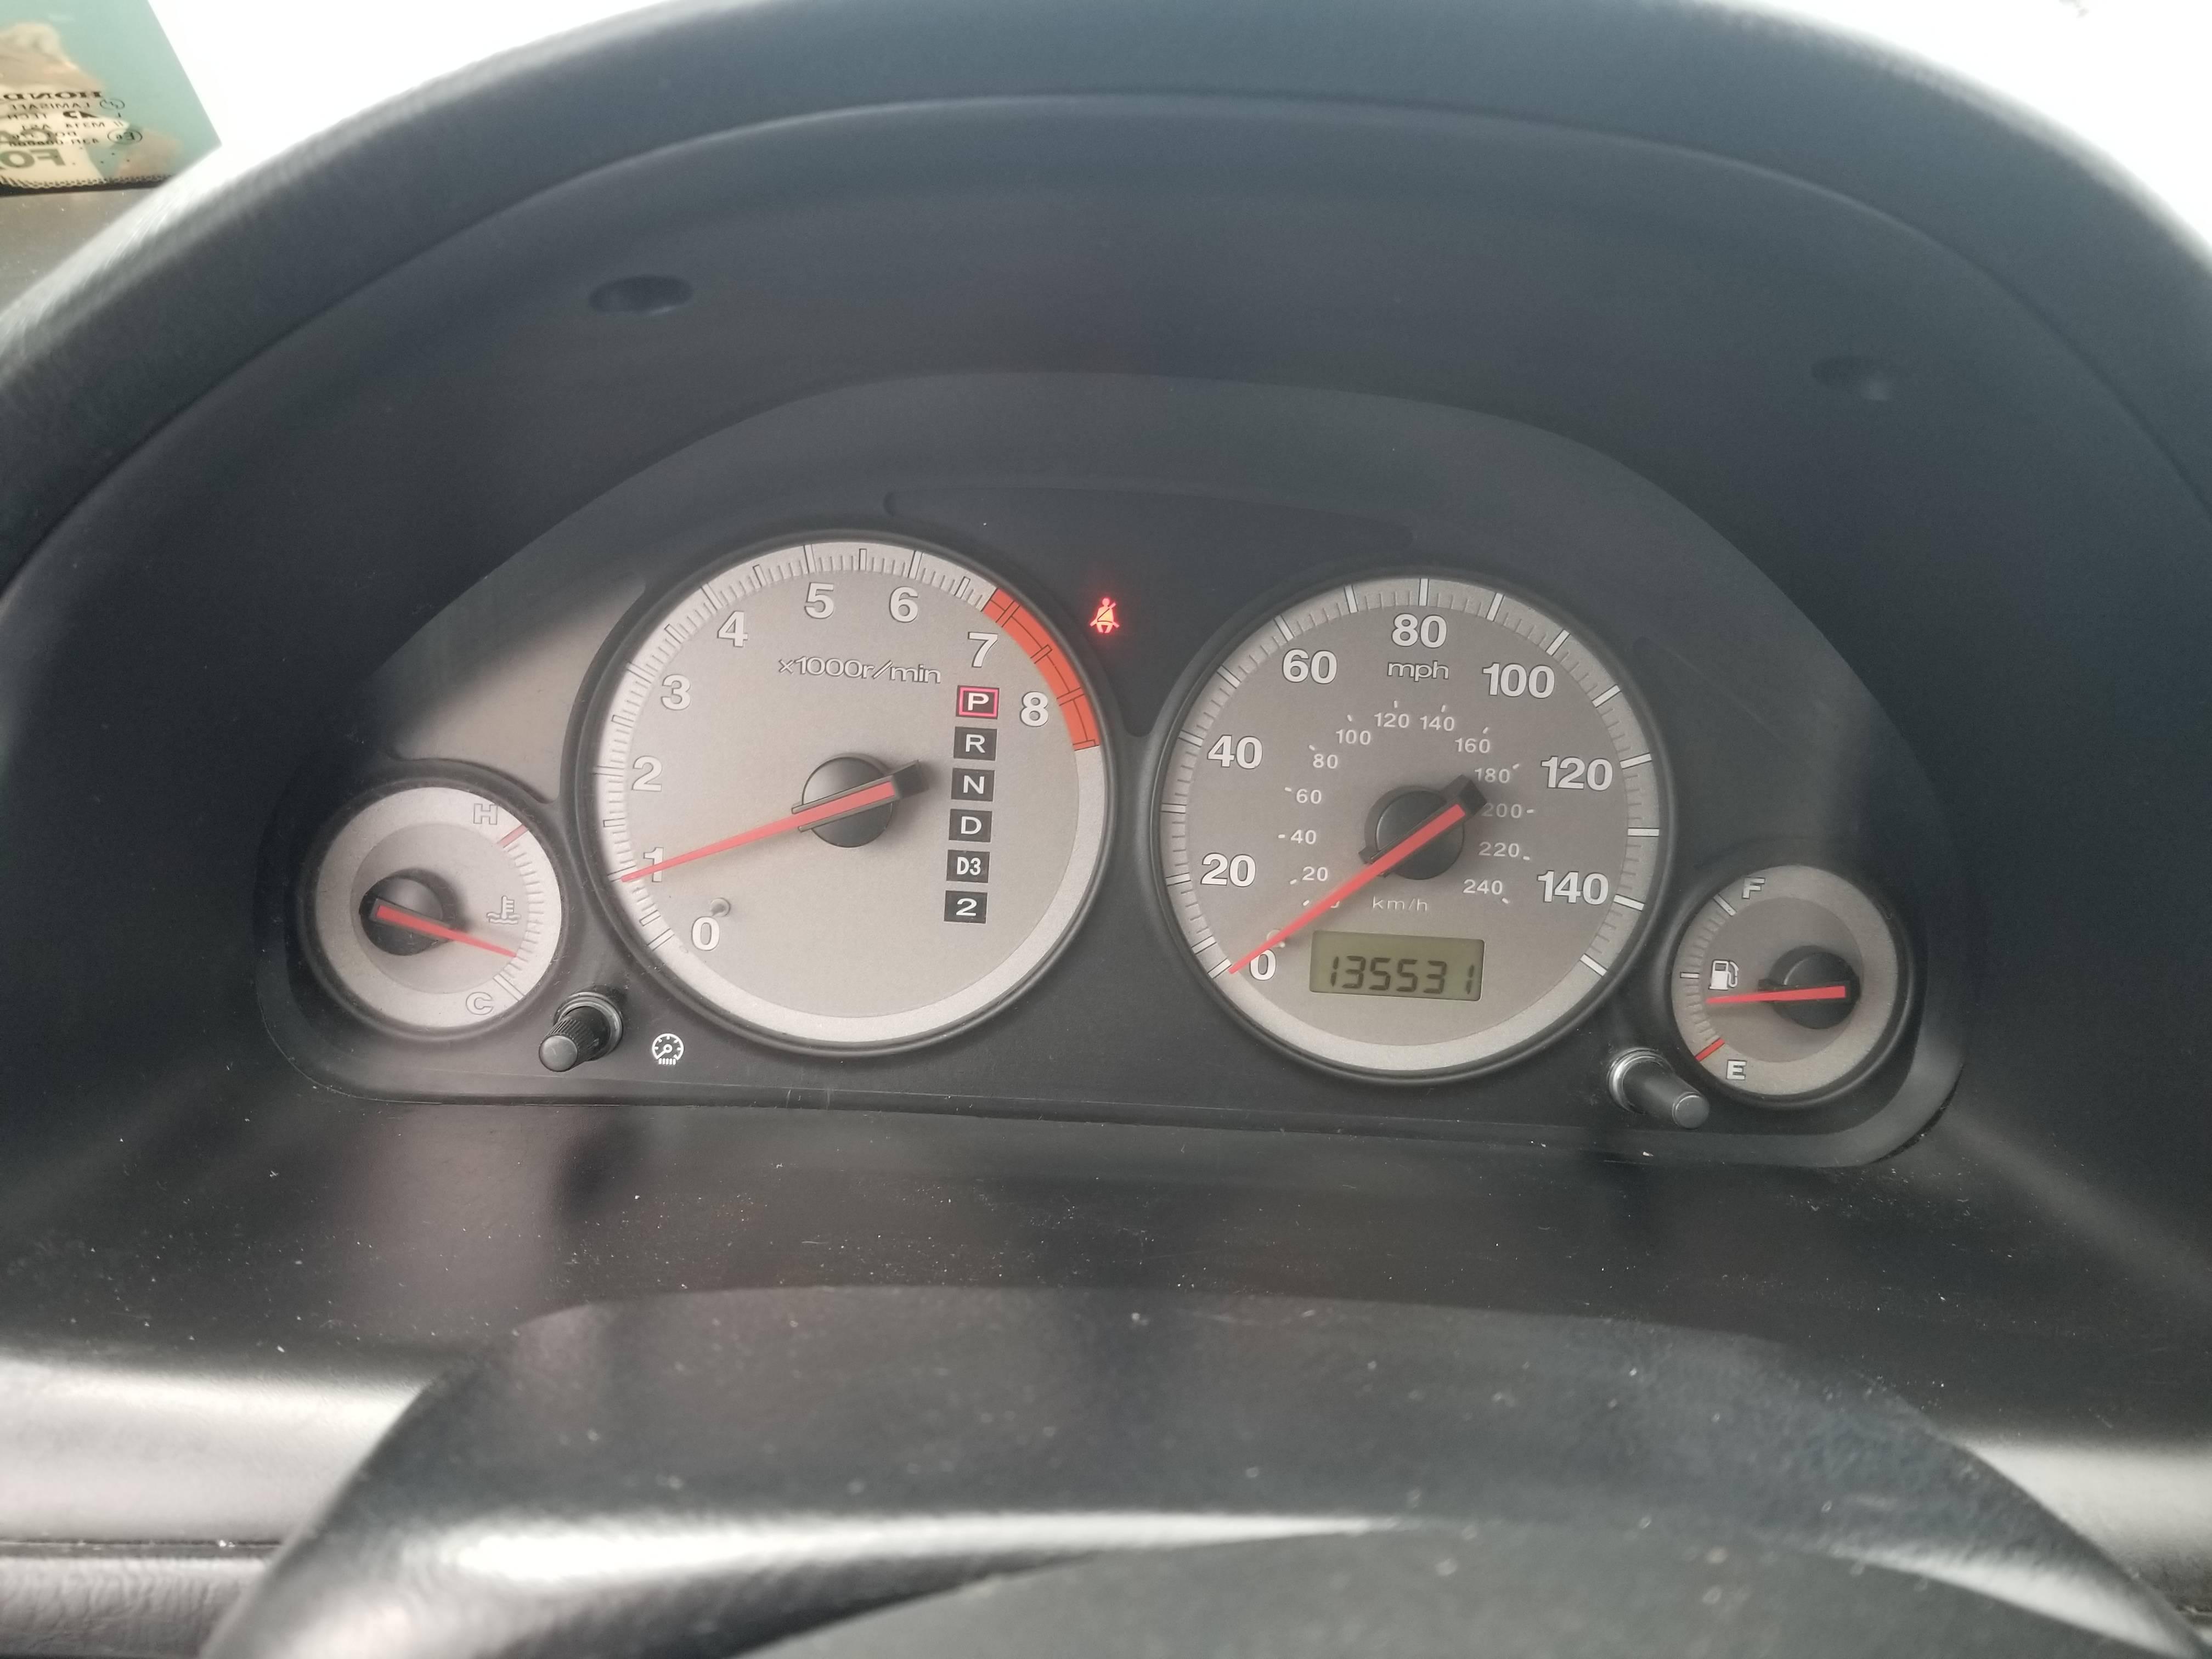 used vehicle - Coupe Honda Civic 2002